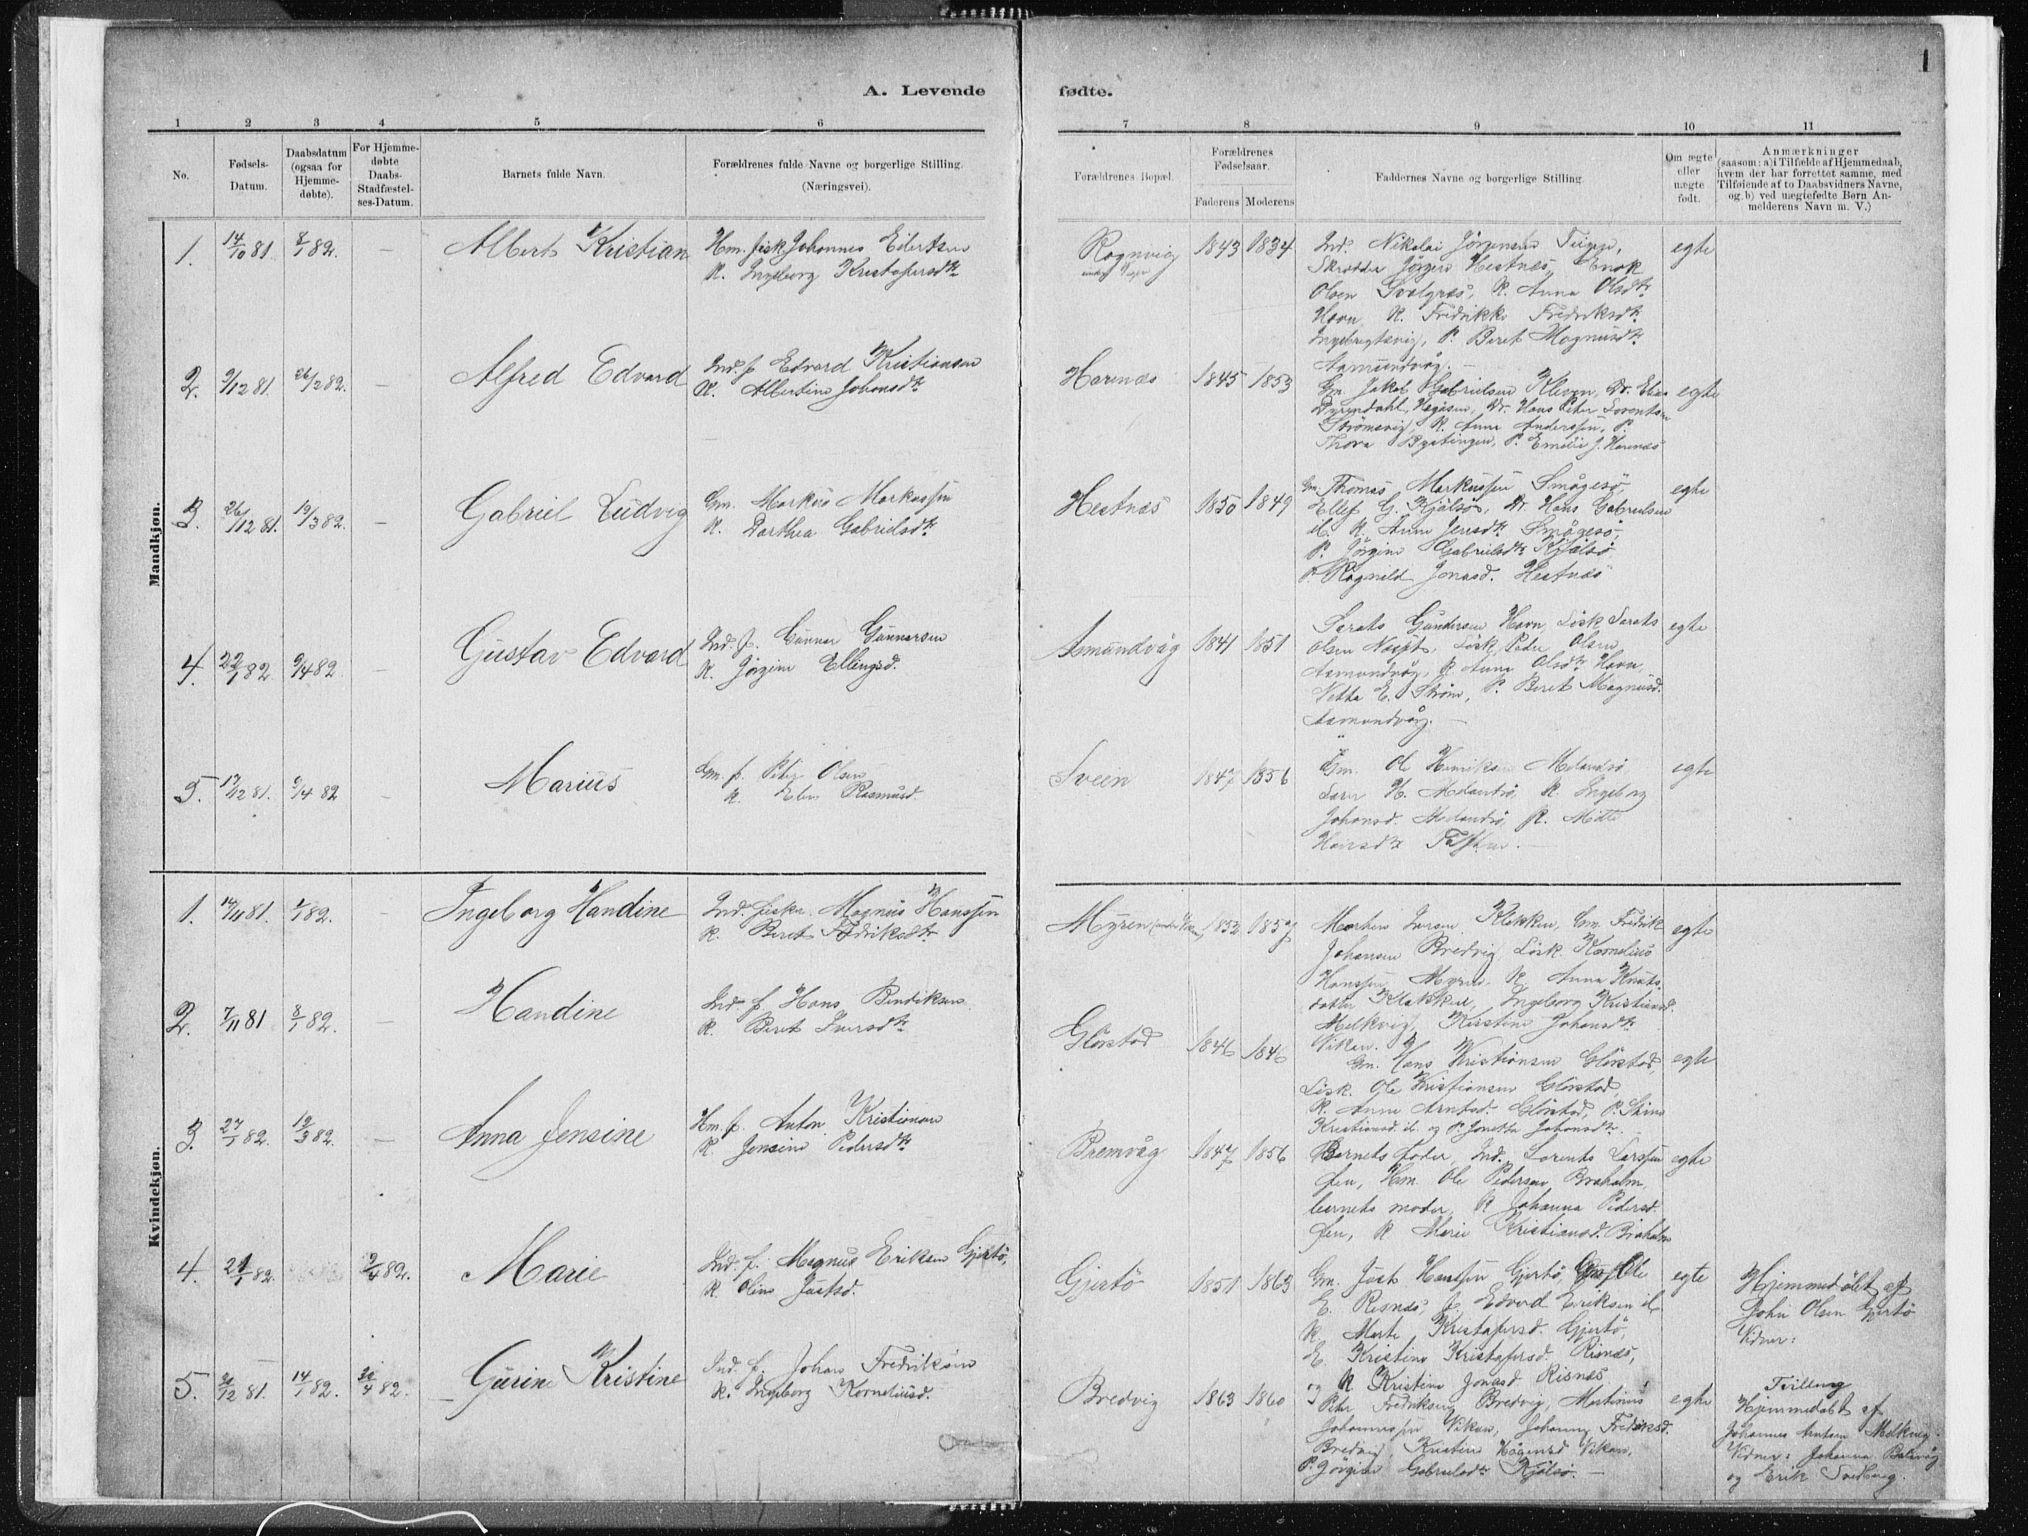 SAT, Ministerialprotokoller, klokkerbøker og fødselsregistre - Sør-Trøndelag, 634/L0533: Ministerialbok nr. 634A09, 1882-1901, s. 1